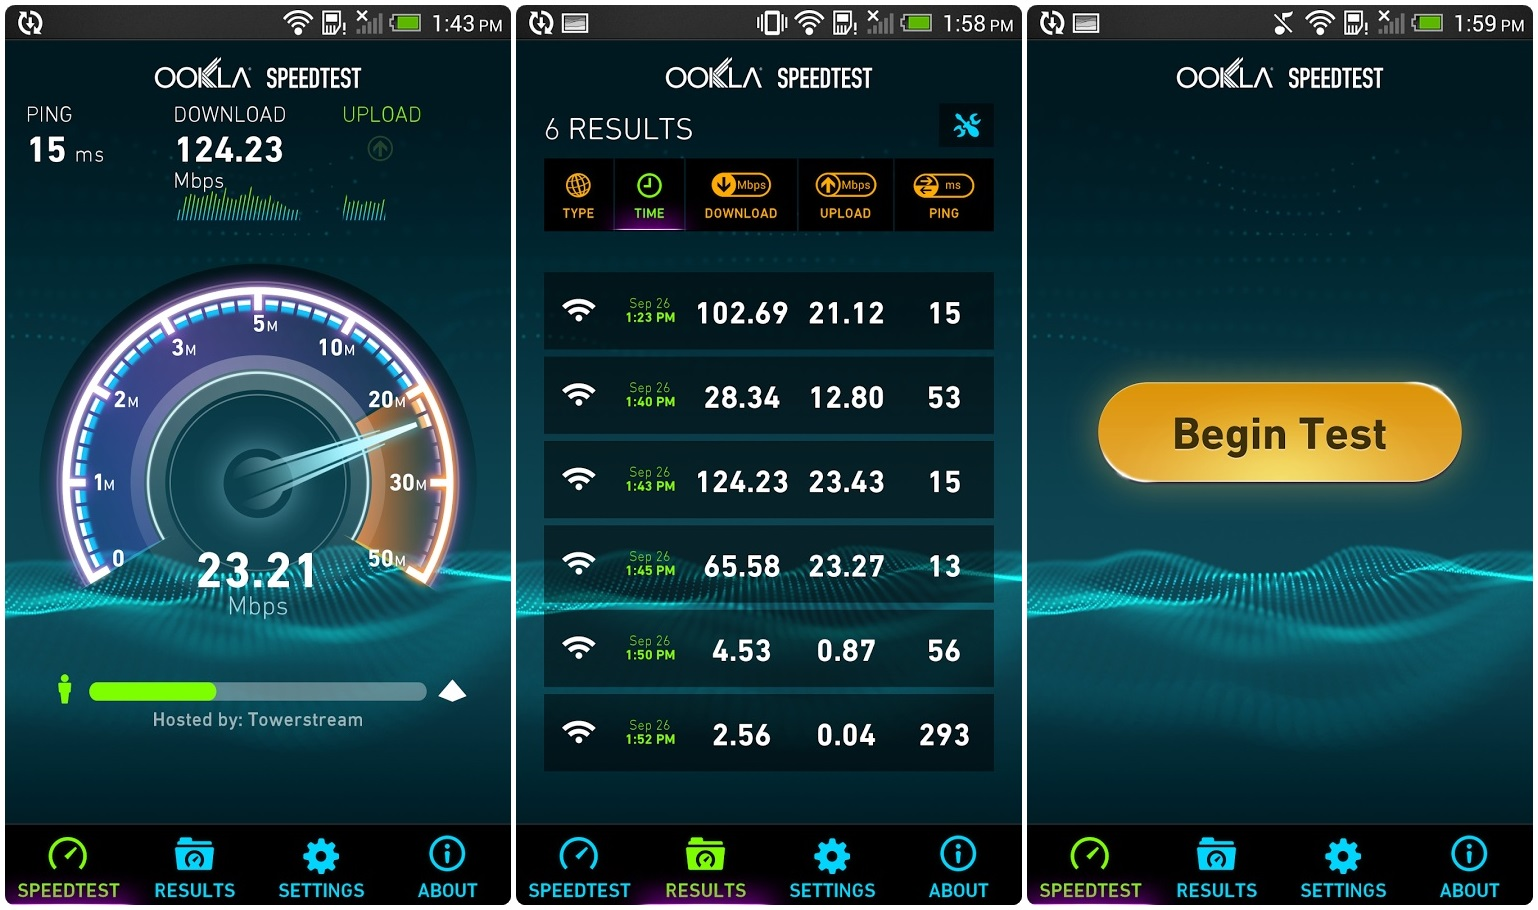 как пользоваться Ookla Speedtest